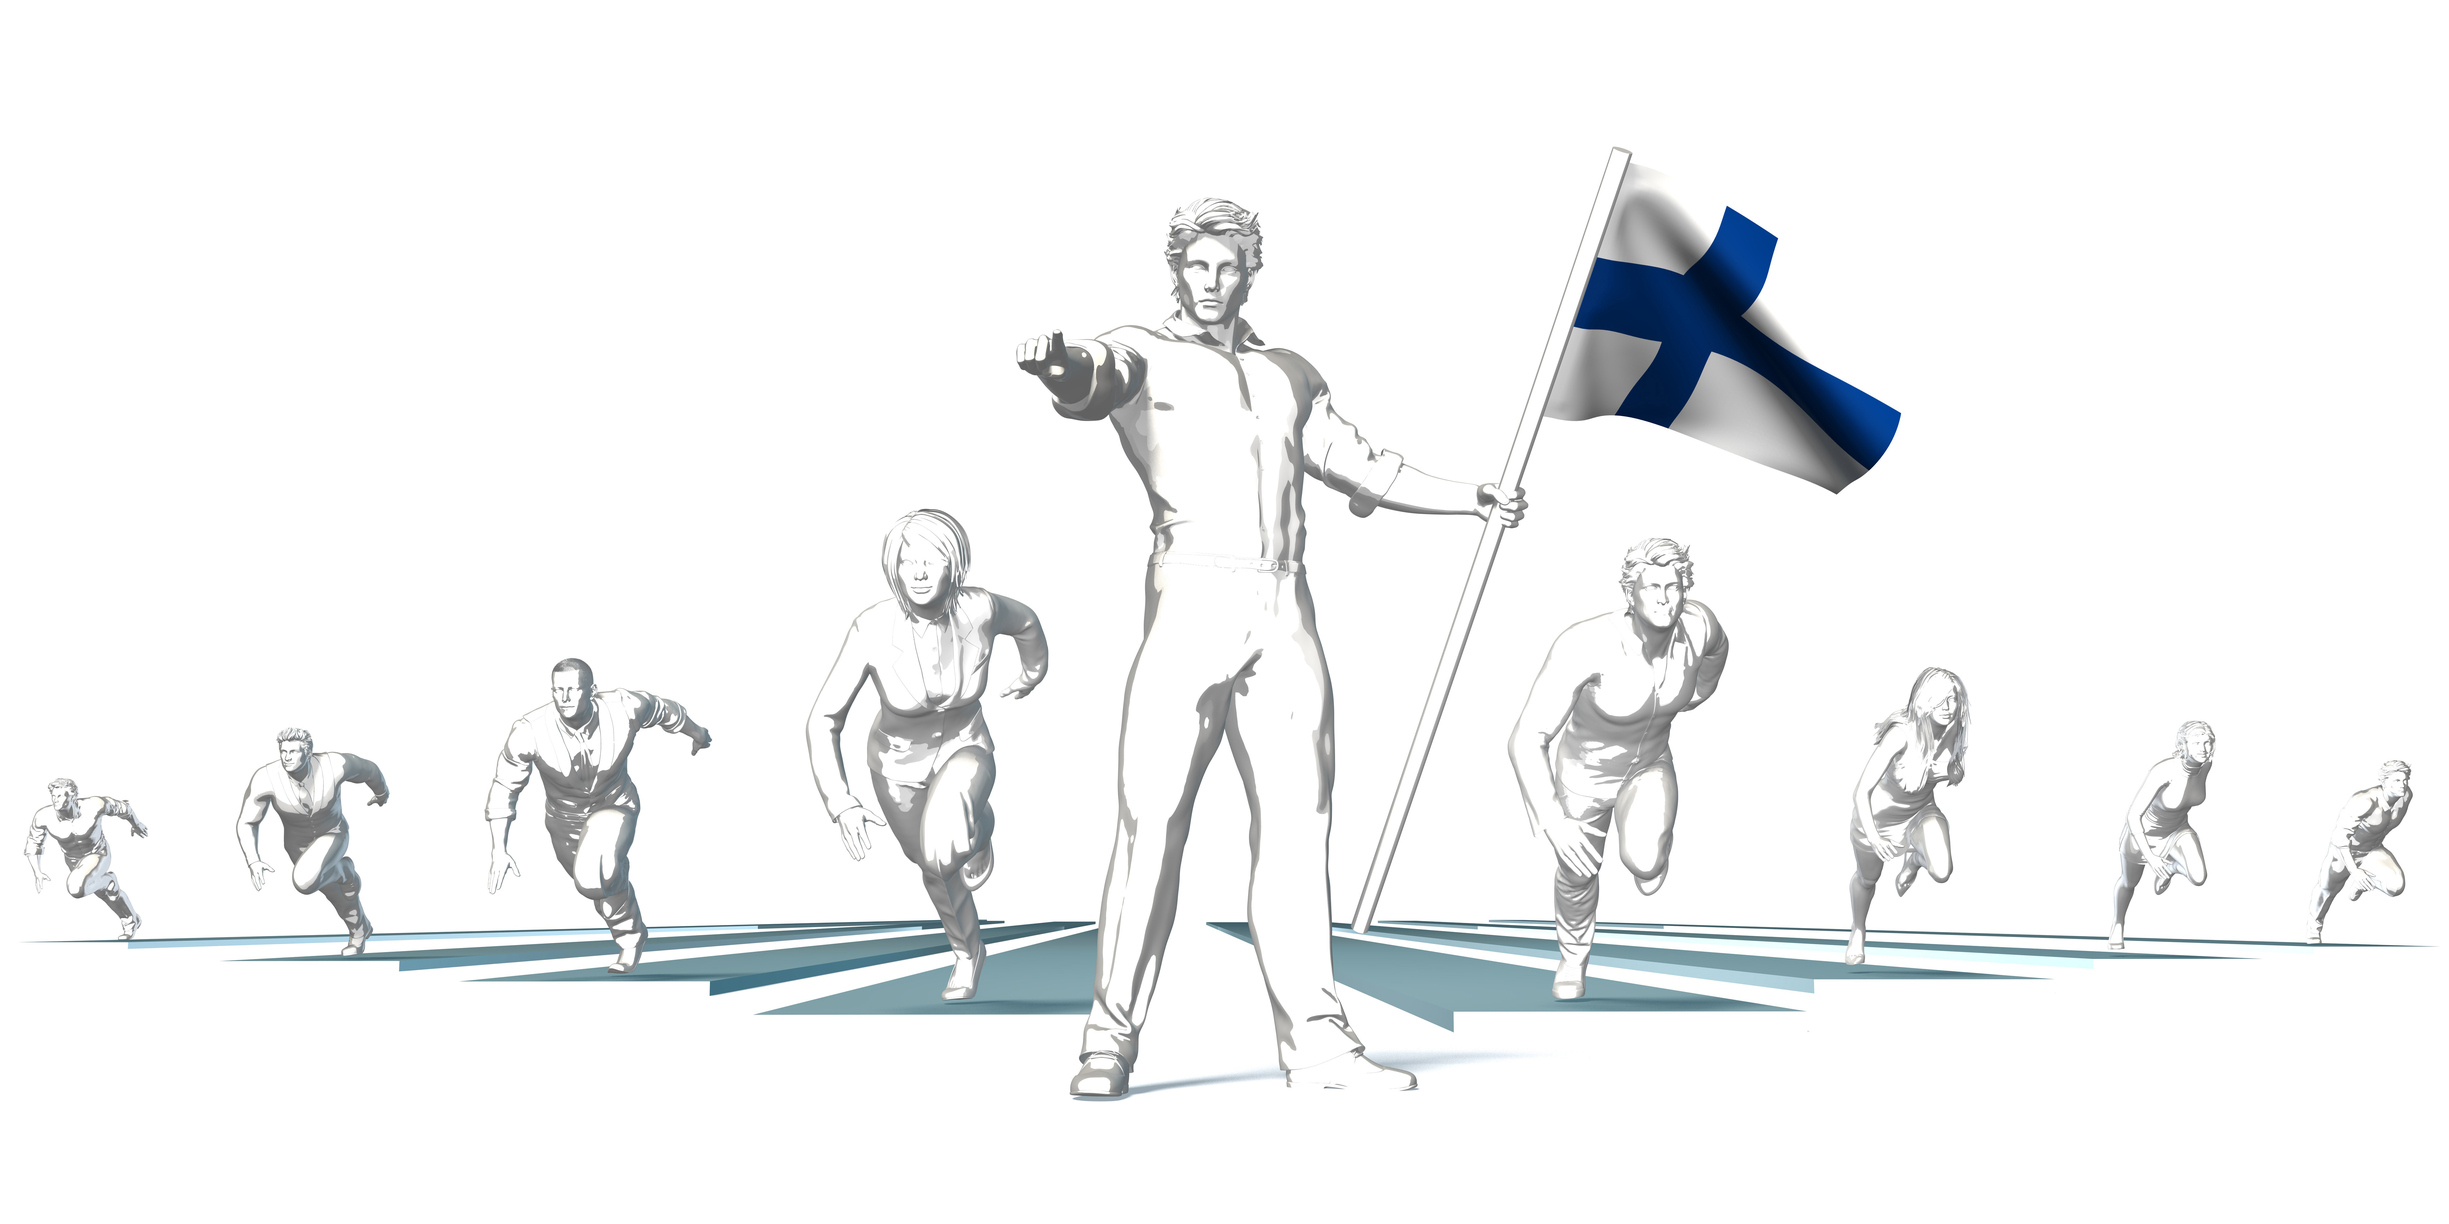 Tietoa suomalaisten liikkumisesta